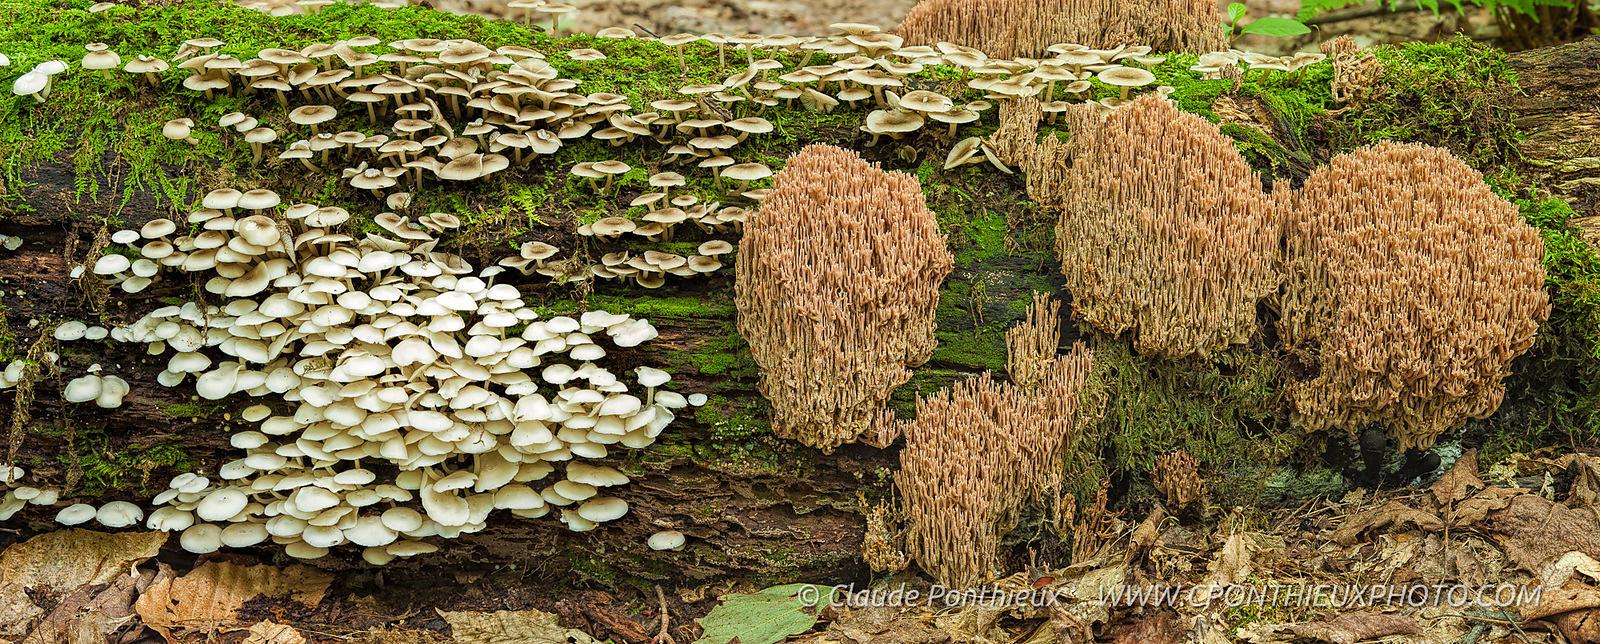 Claude ponthieux photographe champignons sur un tronc d - Champignon sur tronc d arbre ...